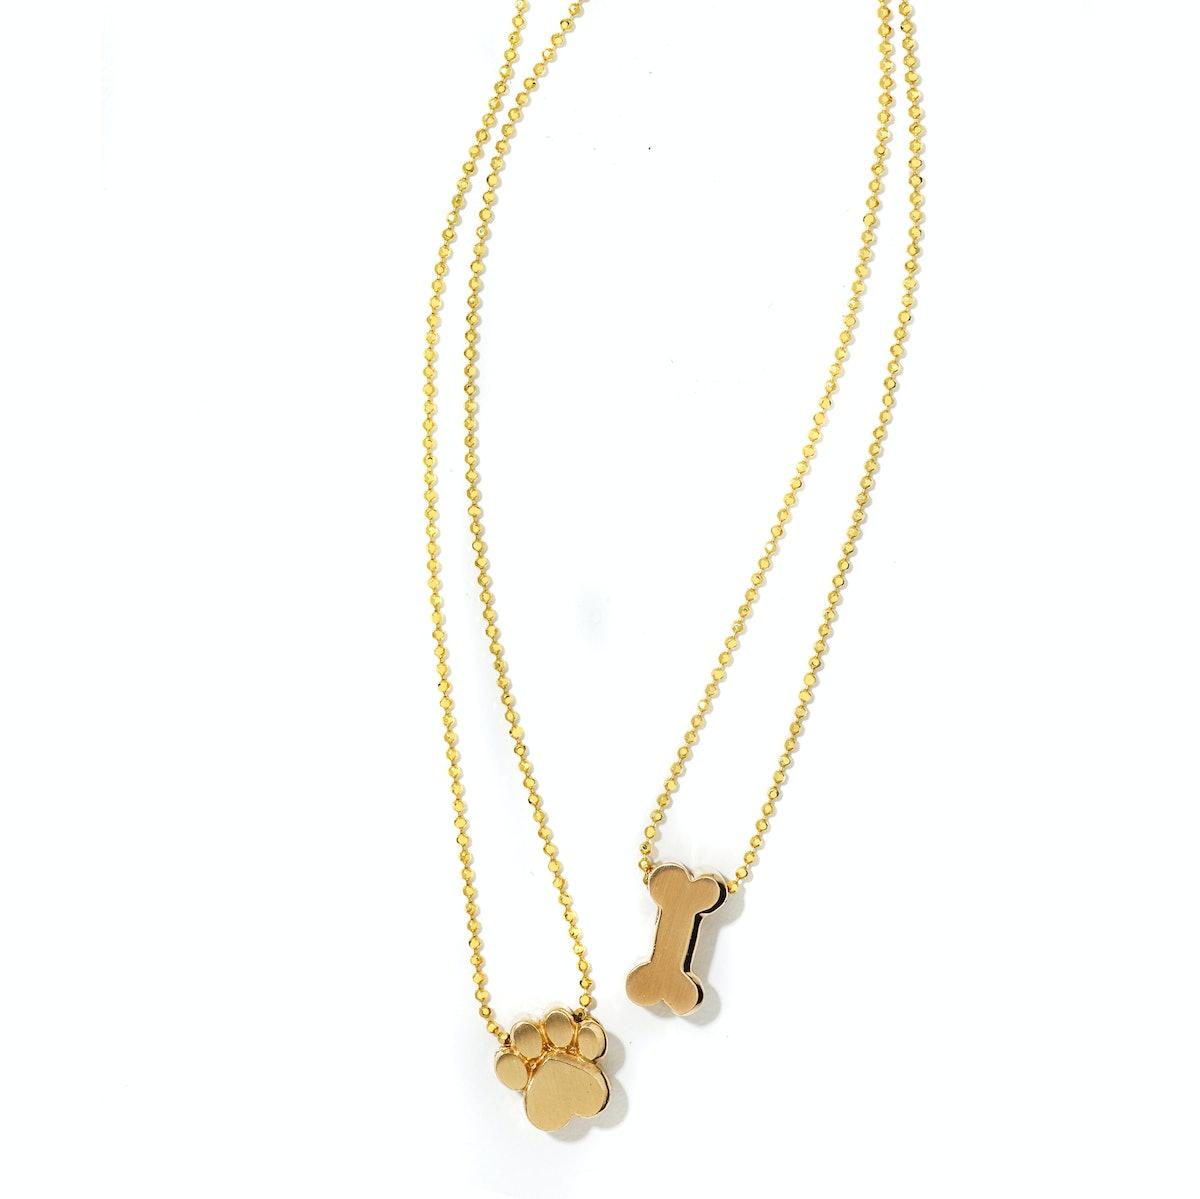 Alex Woo paw necklace